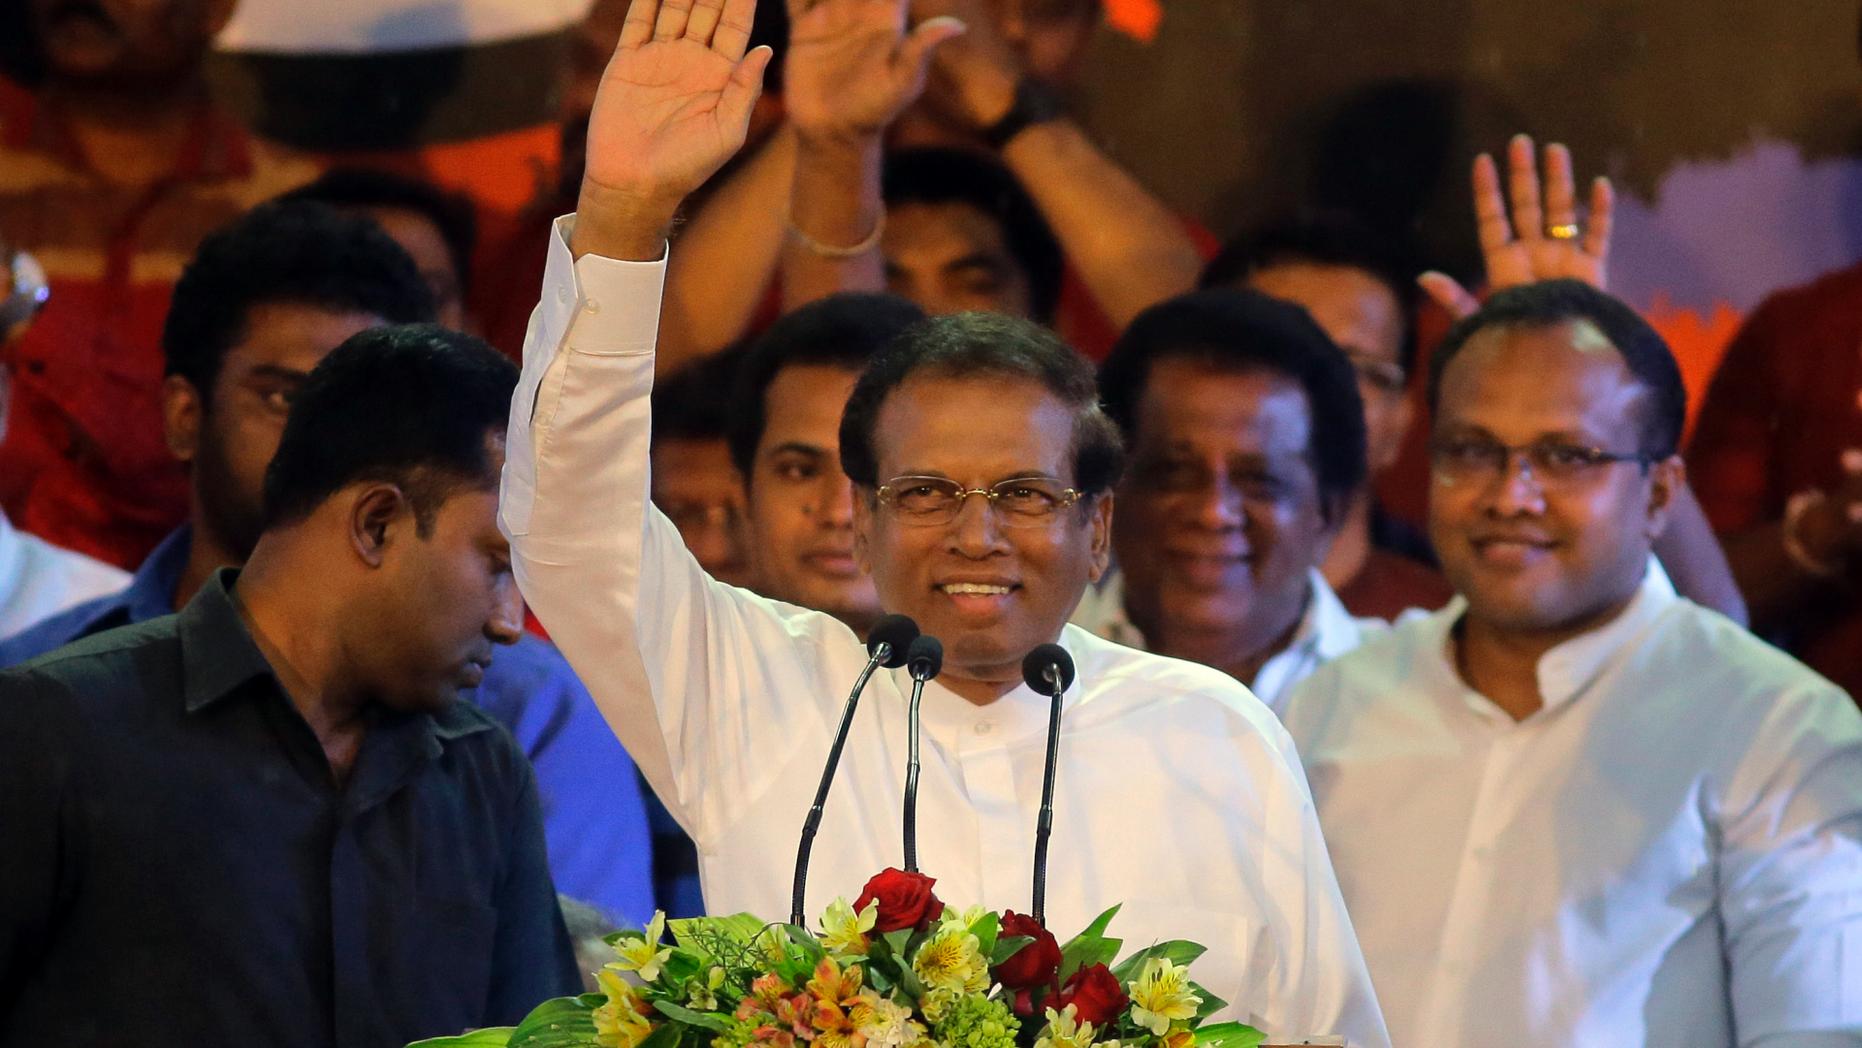 5 2018 File Photo Sri Lankan President